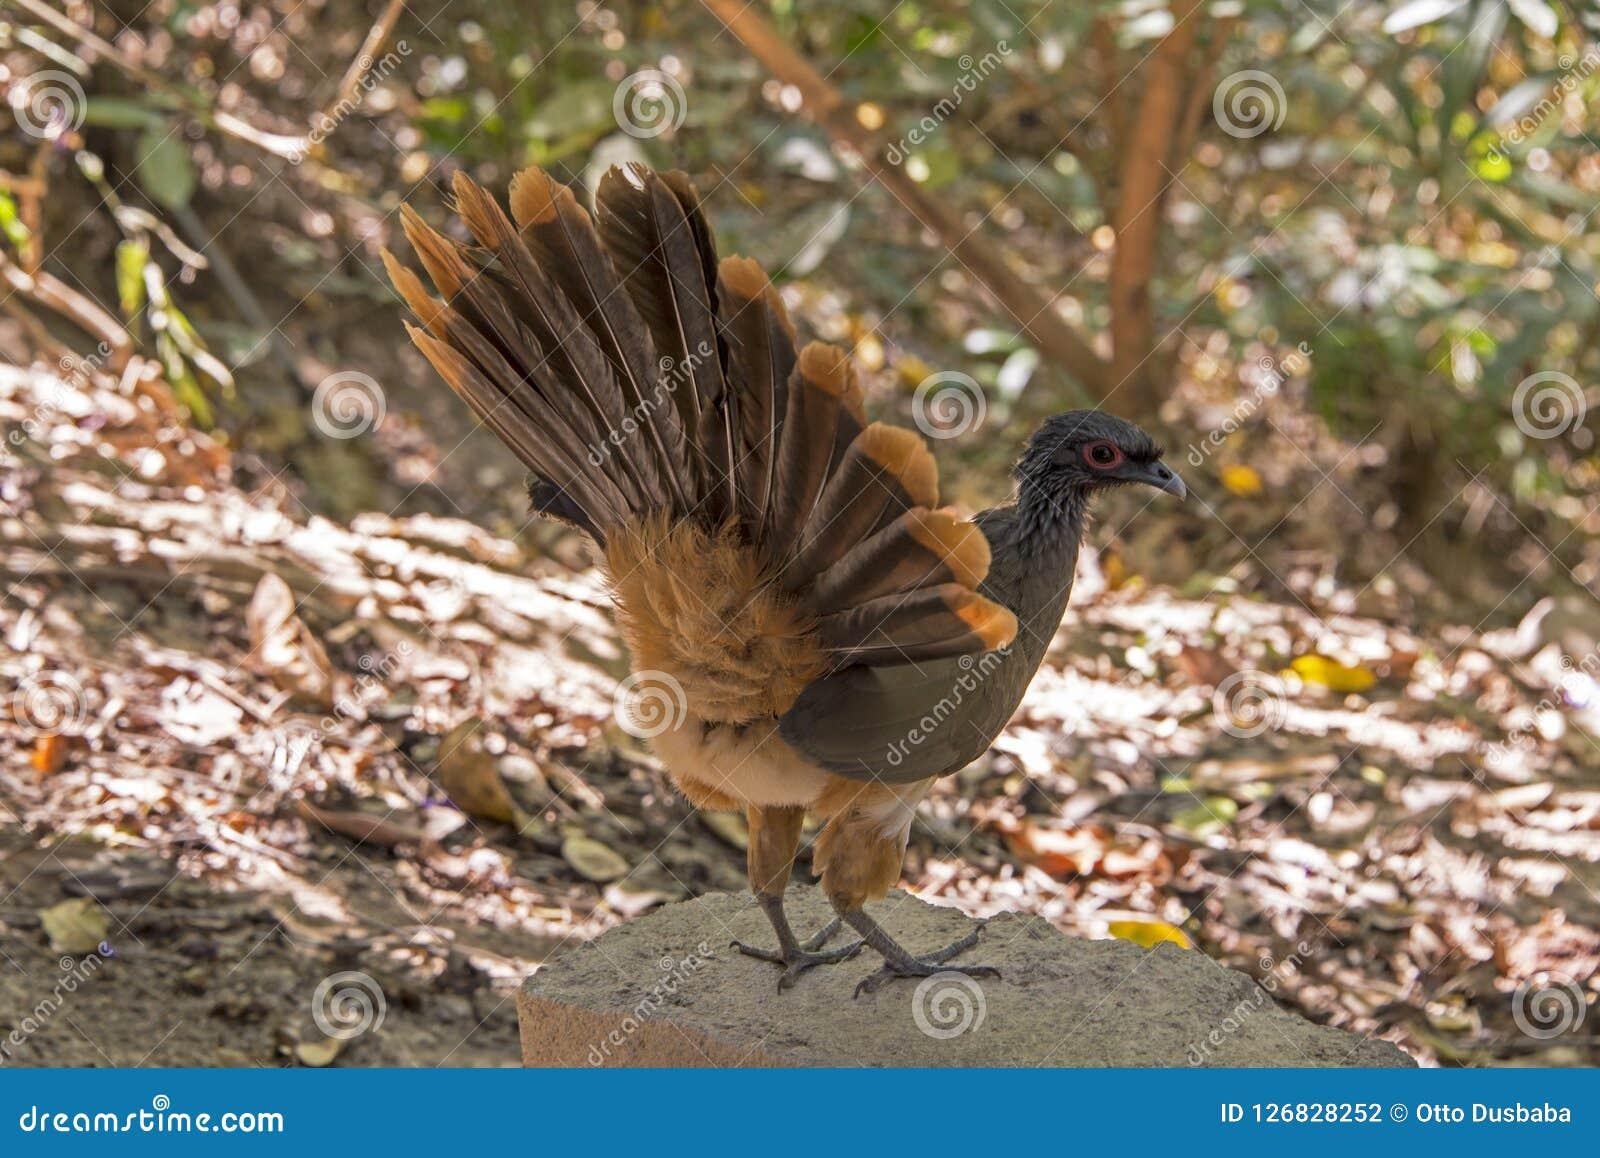 Oiseau de Chachalaca avec la queue éventée